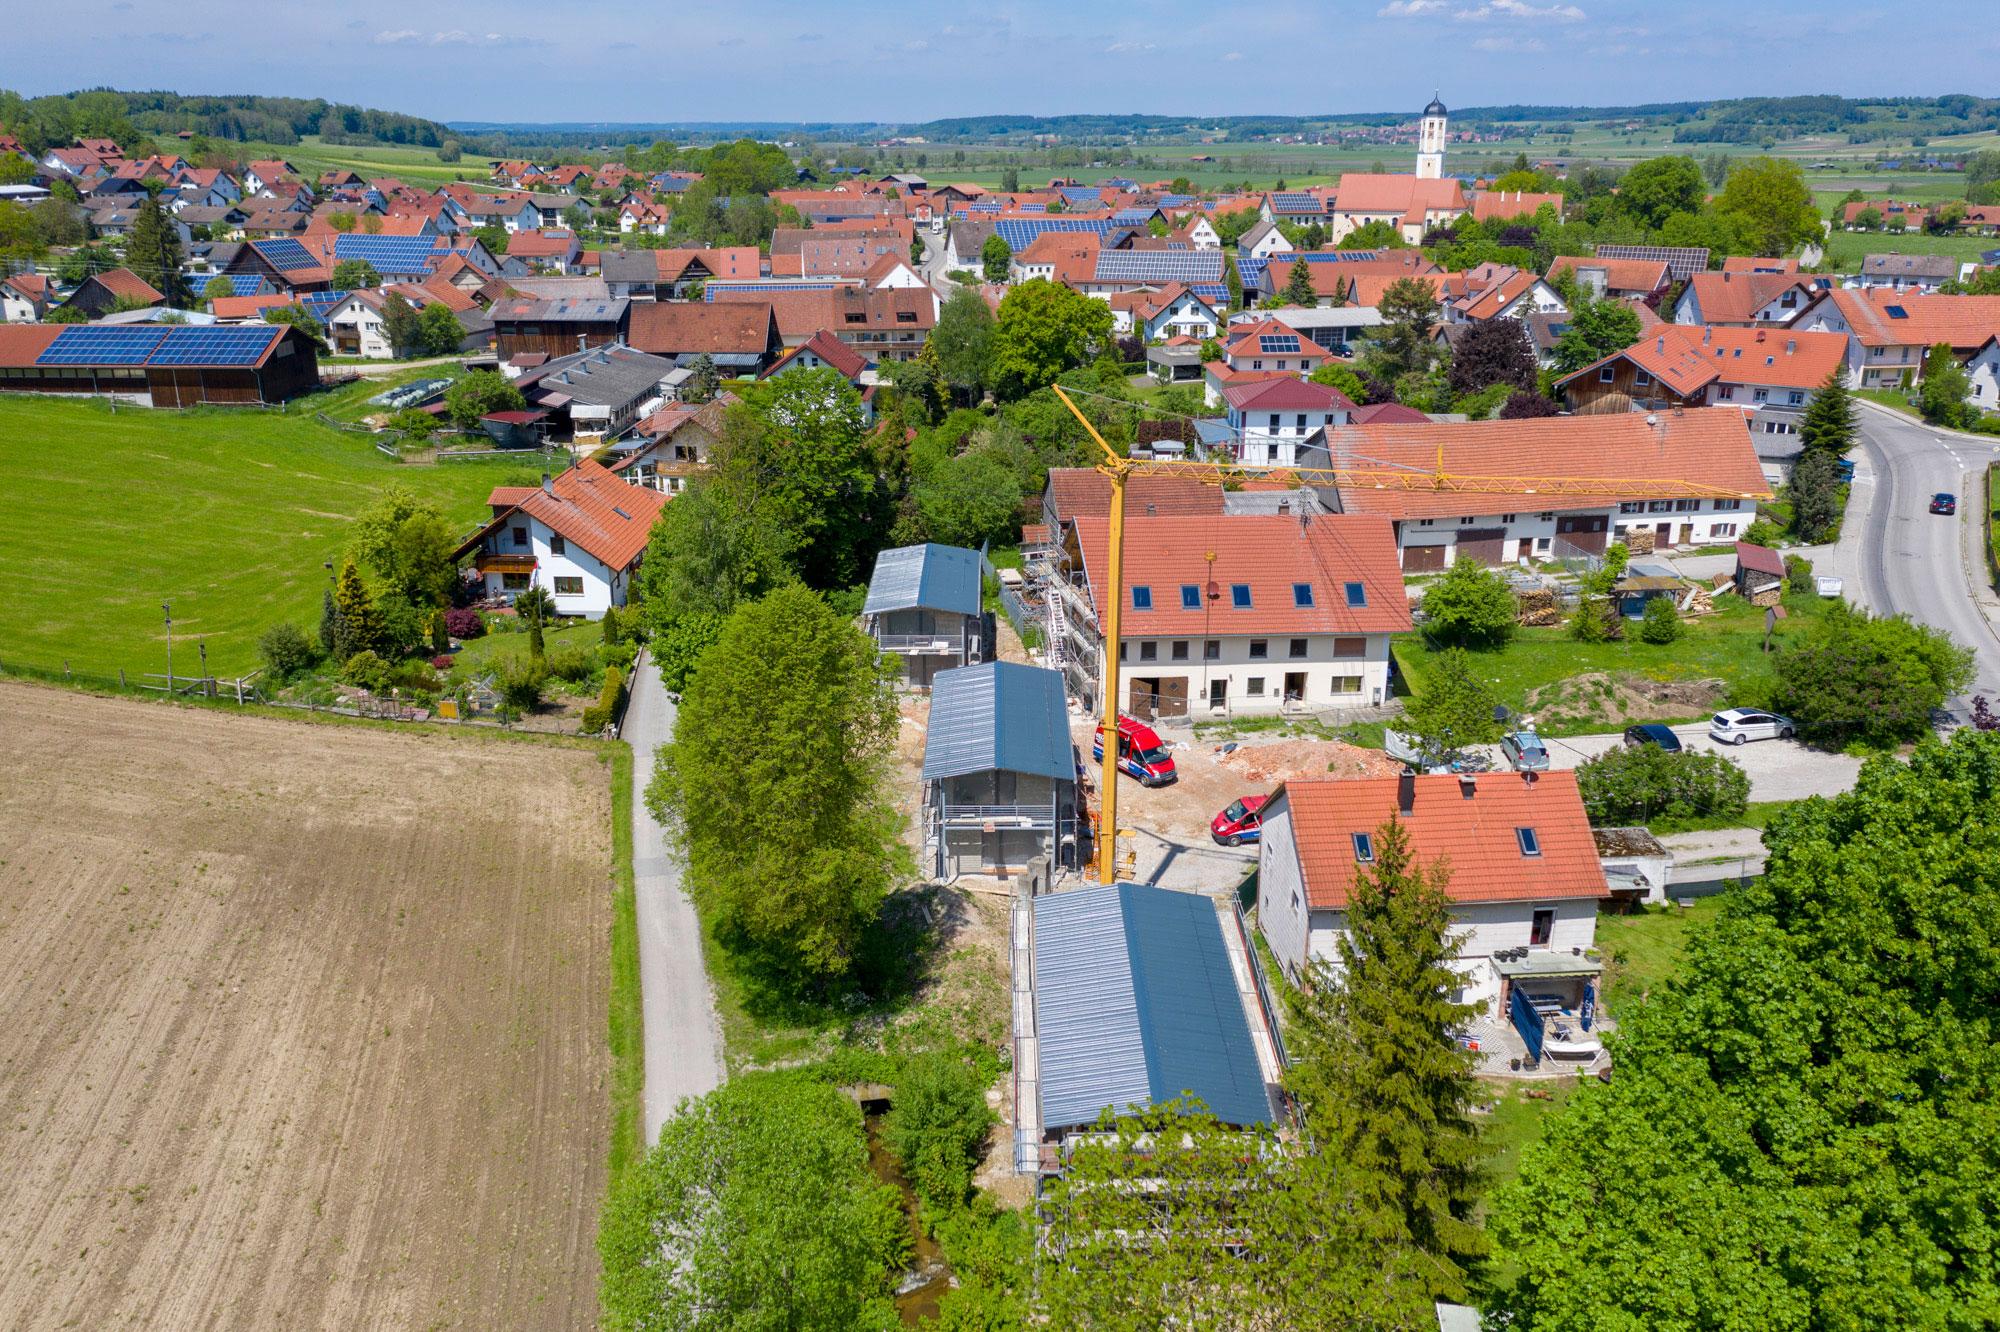 Umbau eines Bauernhofes_Luftbild 3